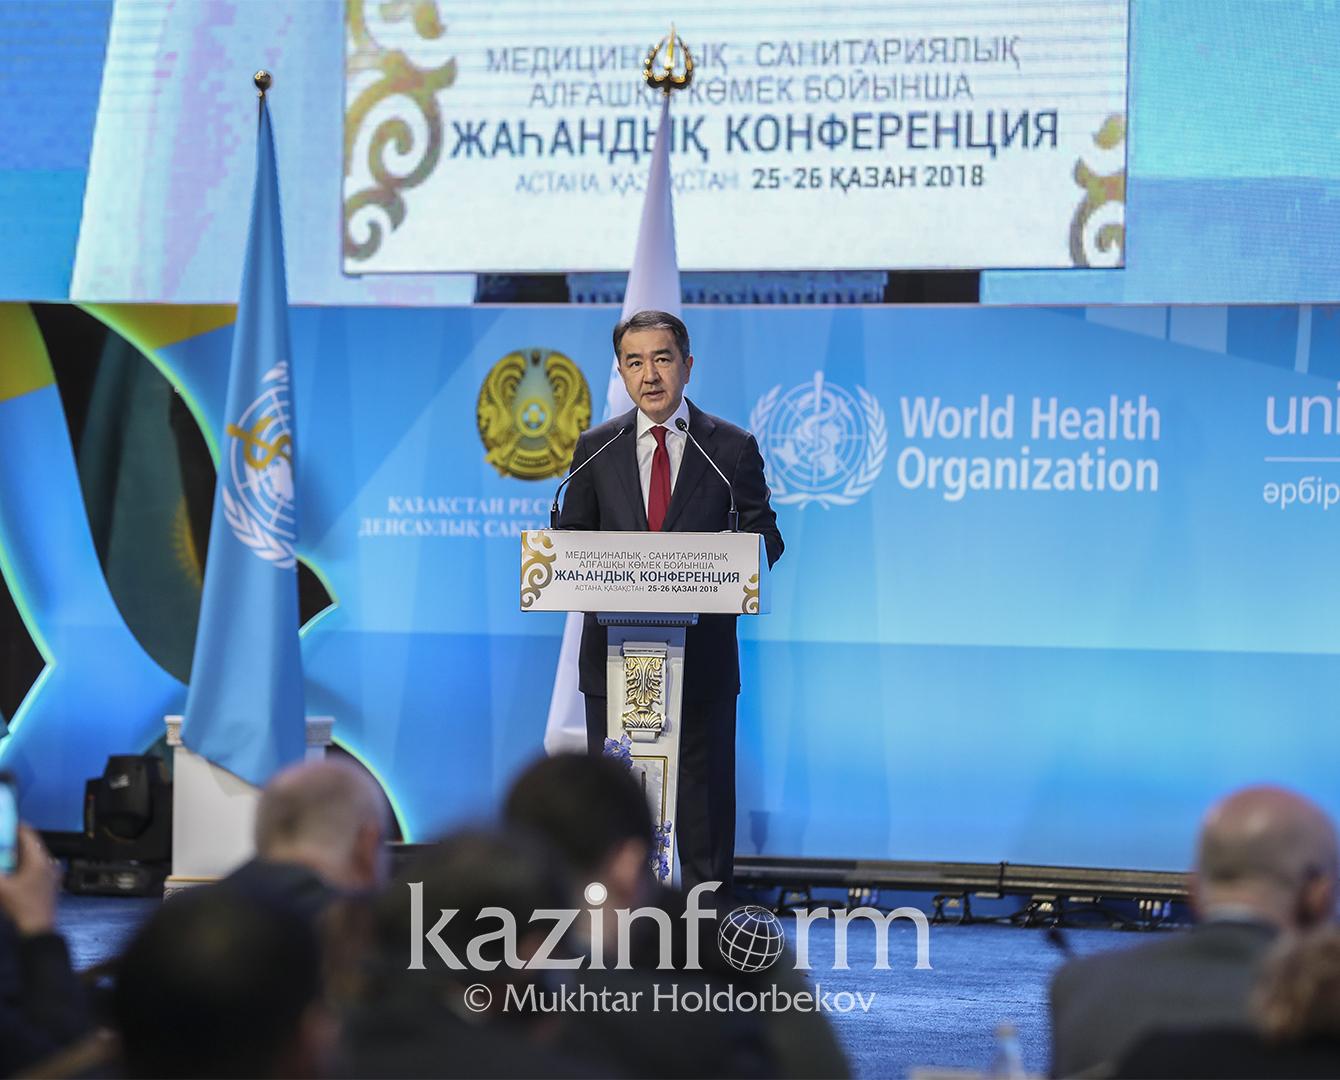 Медицинские электронные паспорта будут у всех казахстанцев до 2020 года - Бакытжан Сагинтаев